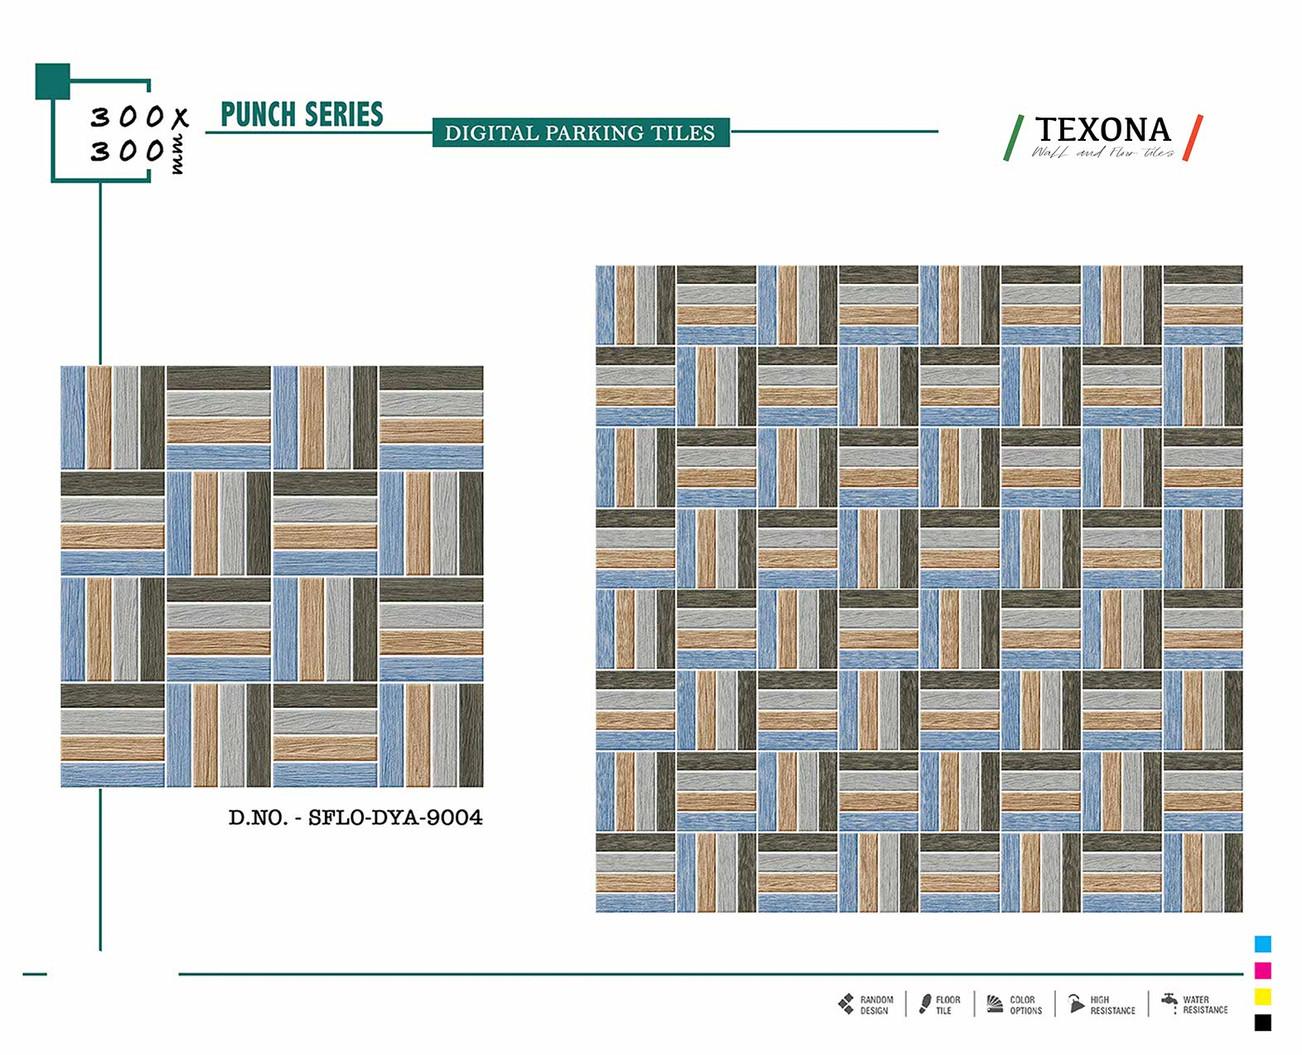 12X12 PARKING VOL.2_Page_27_Image_0001.j